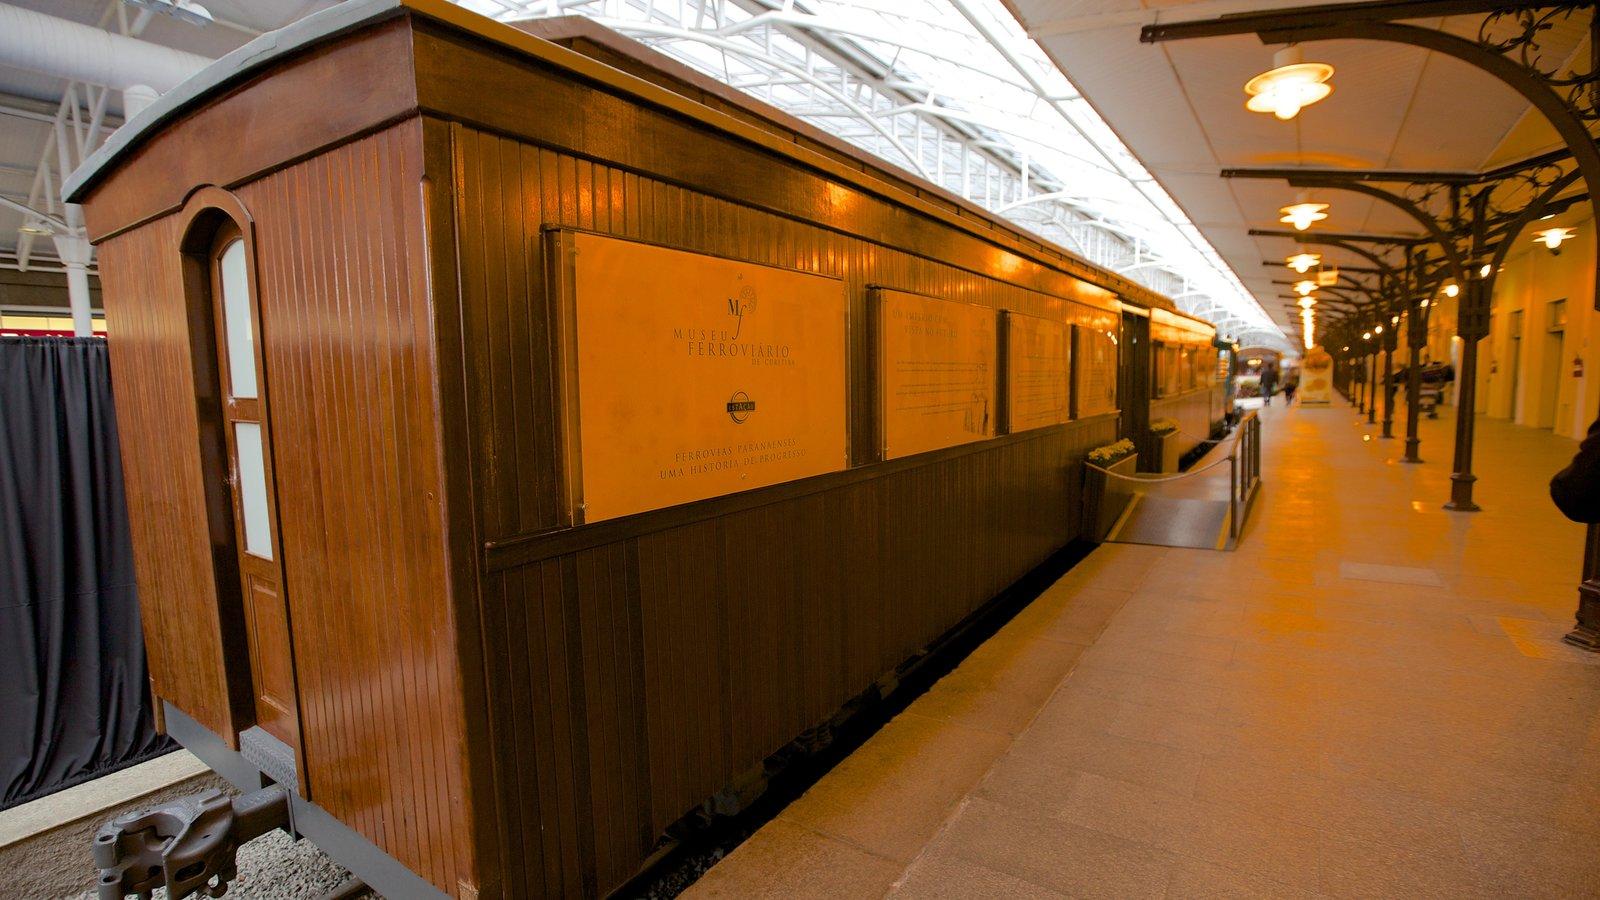 Museu da Ferrovia que inclui vistas internas e itens de ferrovia